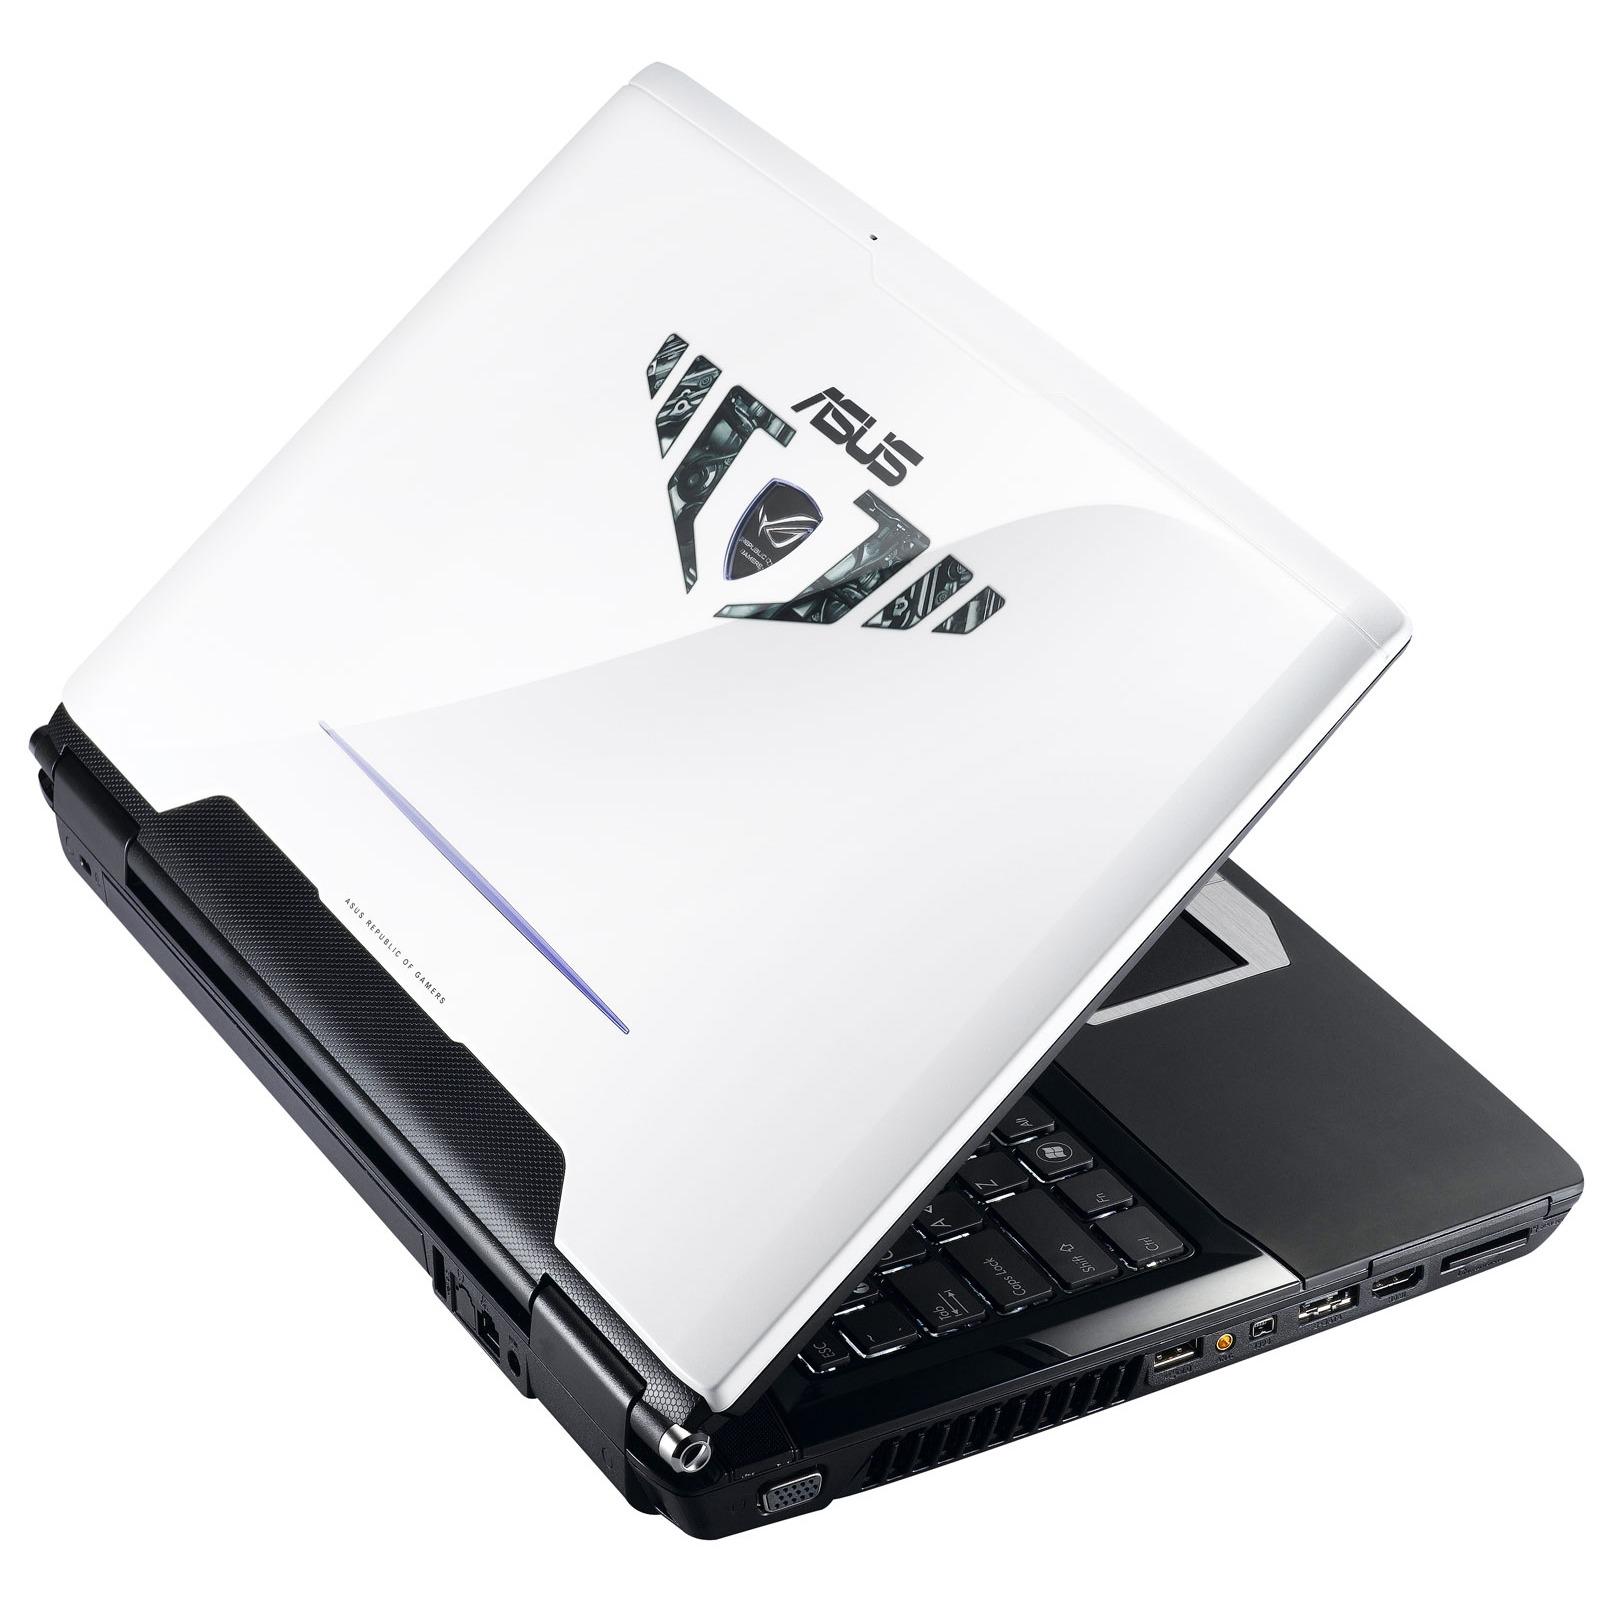 """PC portable ASUS G60Vx-JX038C ASUS G60Vx-JX038C - Intel core 2 Quad Q9000 4 Go 1 To (2x 500 Go) 16"""" TFT Graveur DVD Super Multi DL Wi-Fi N/Bluetooth Webcam WVFP"""